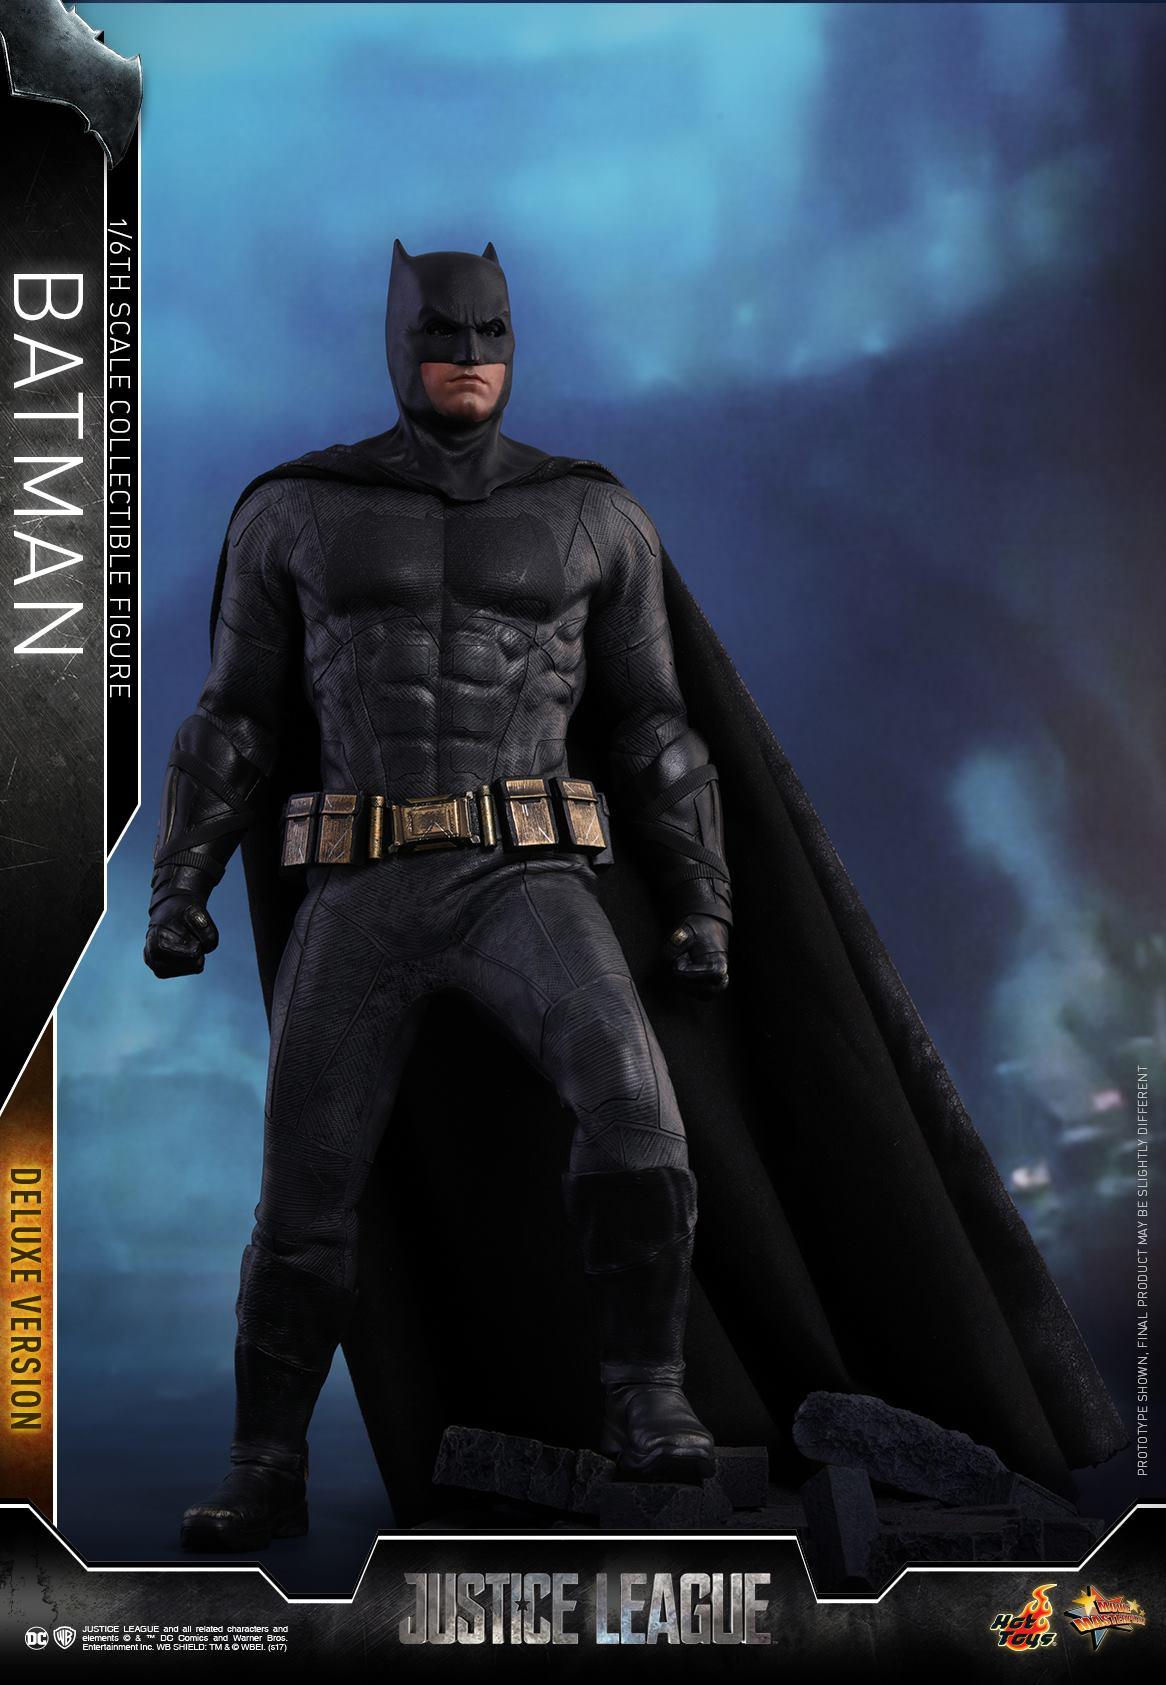 Hot-Toys-Deluxe-Batman-Justice-League-006